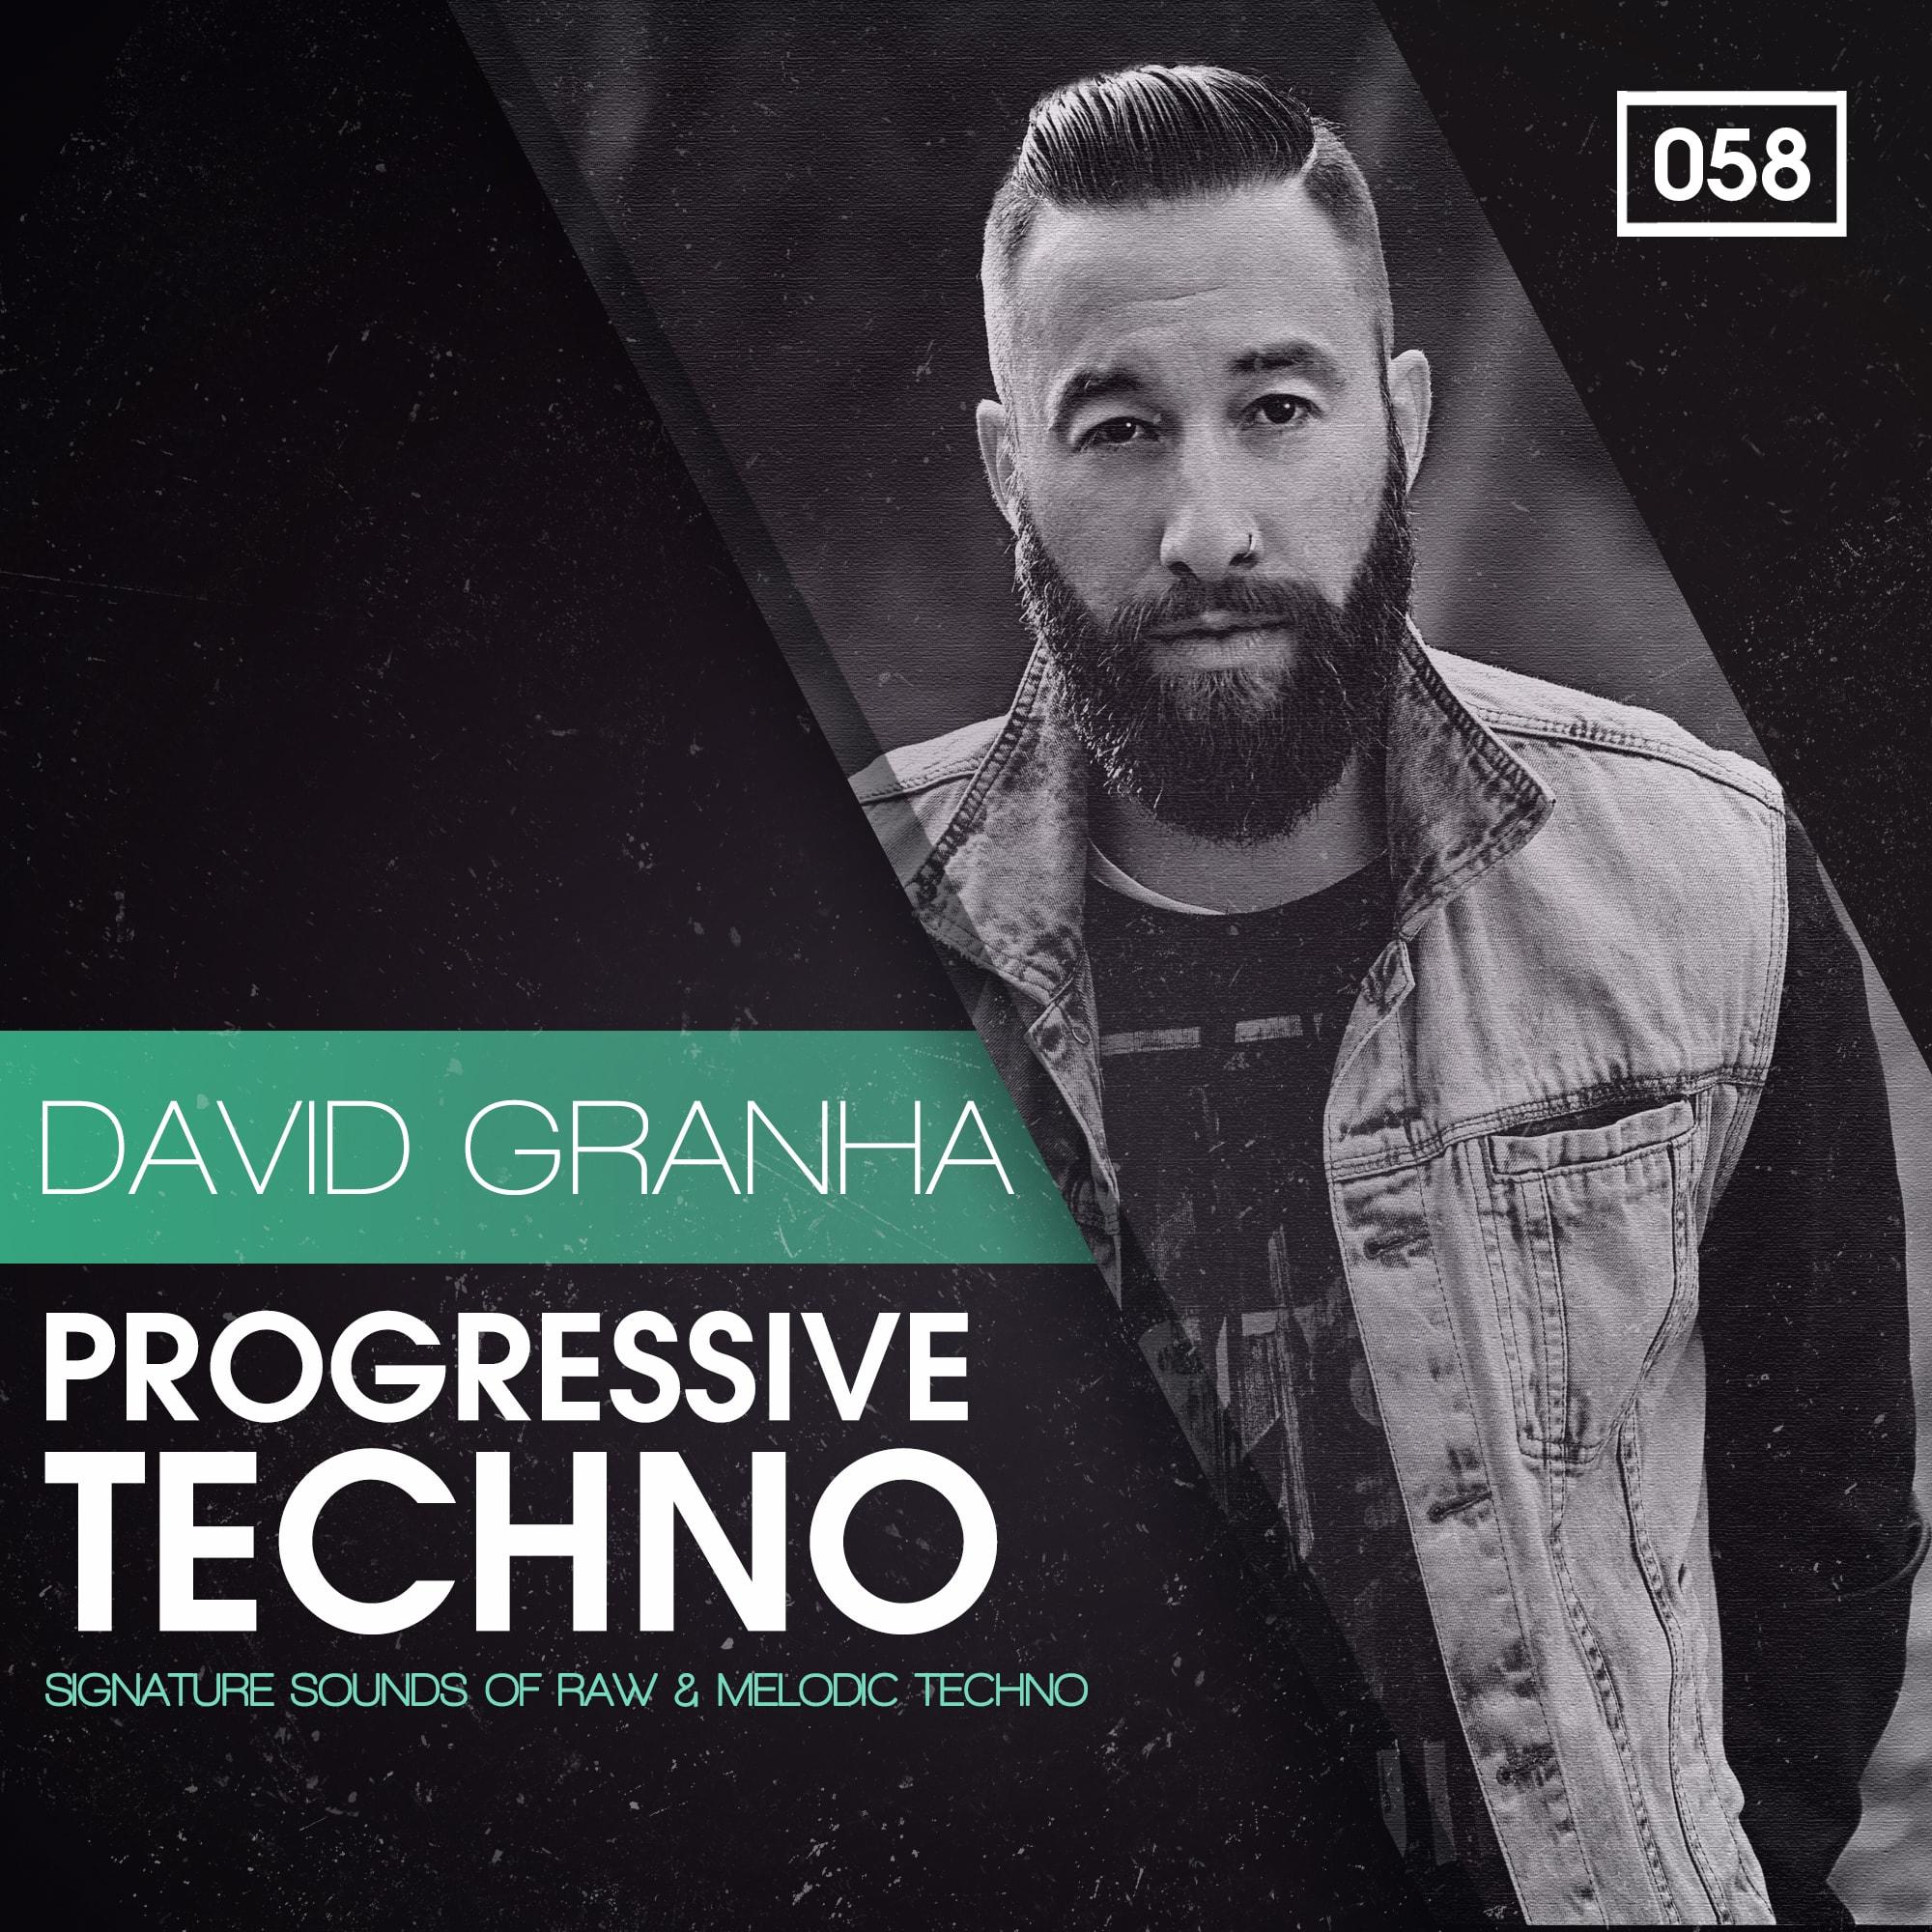 Bingoshakerz David Granha Presents Progressive Techno